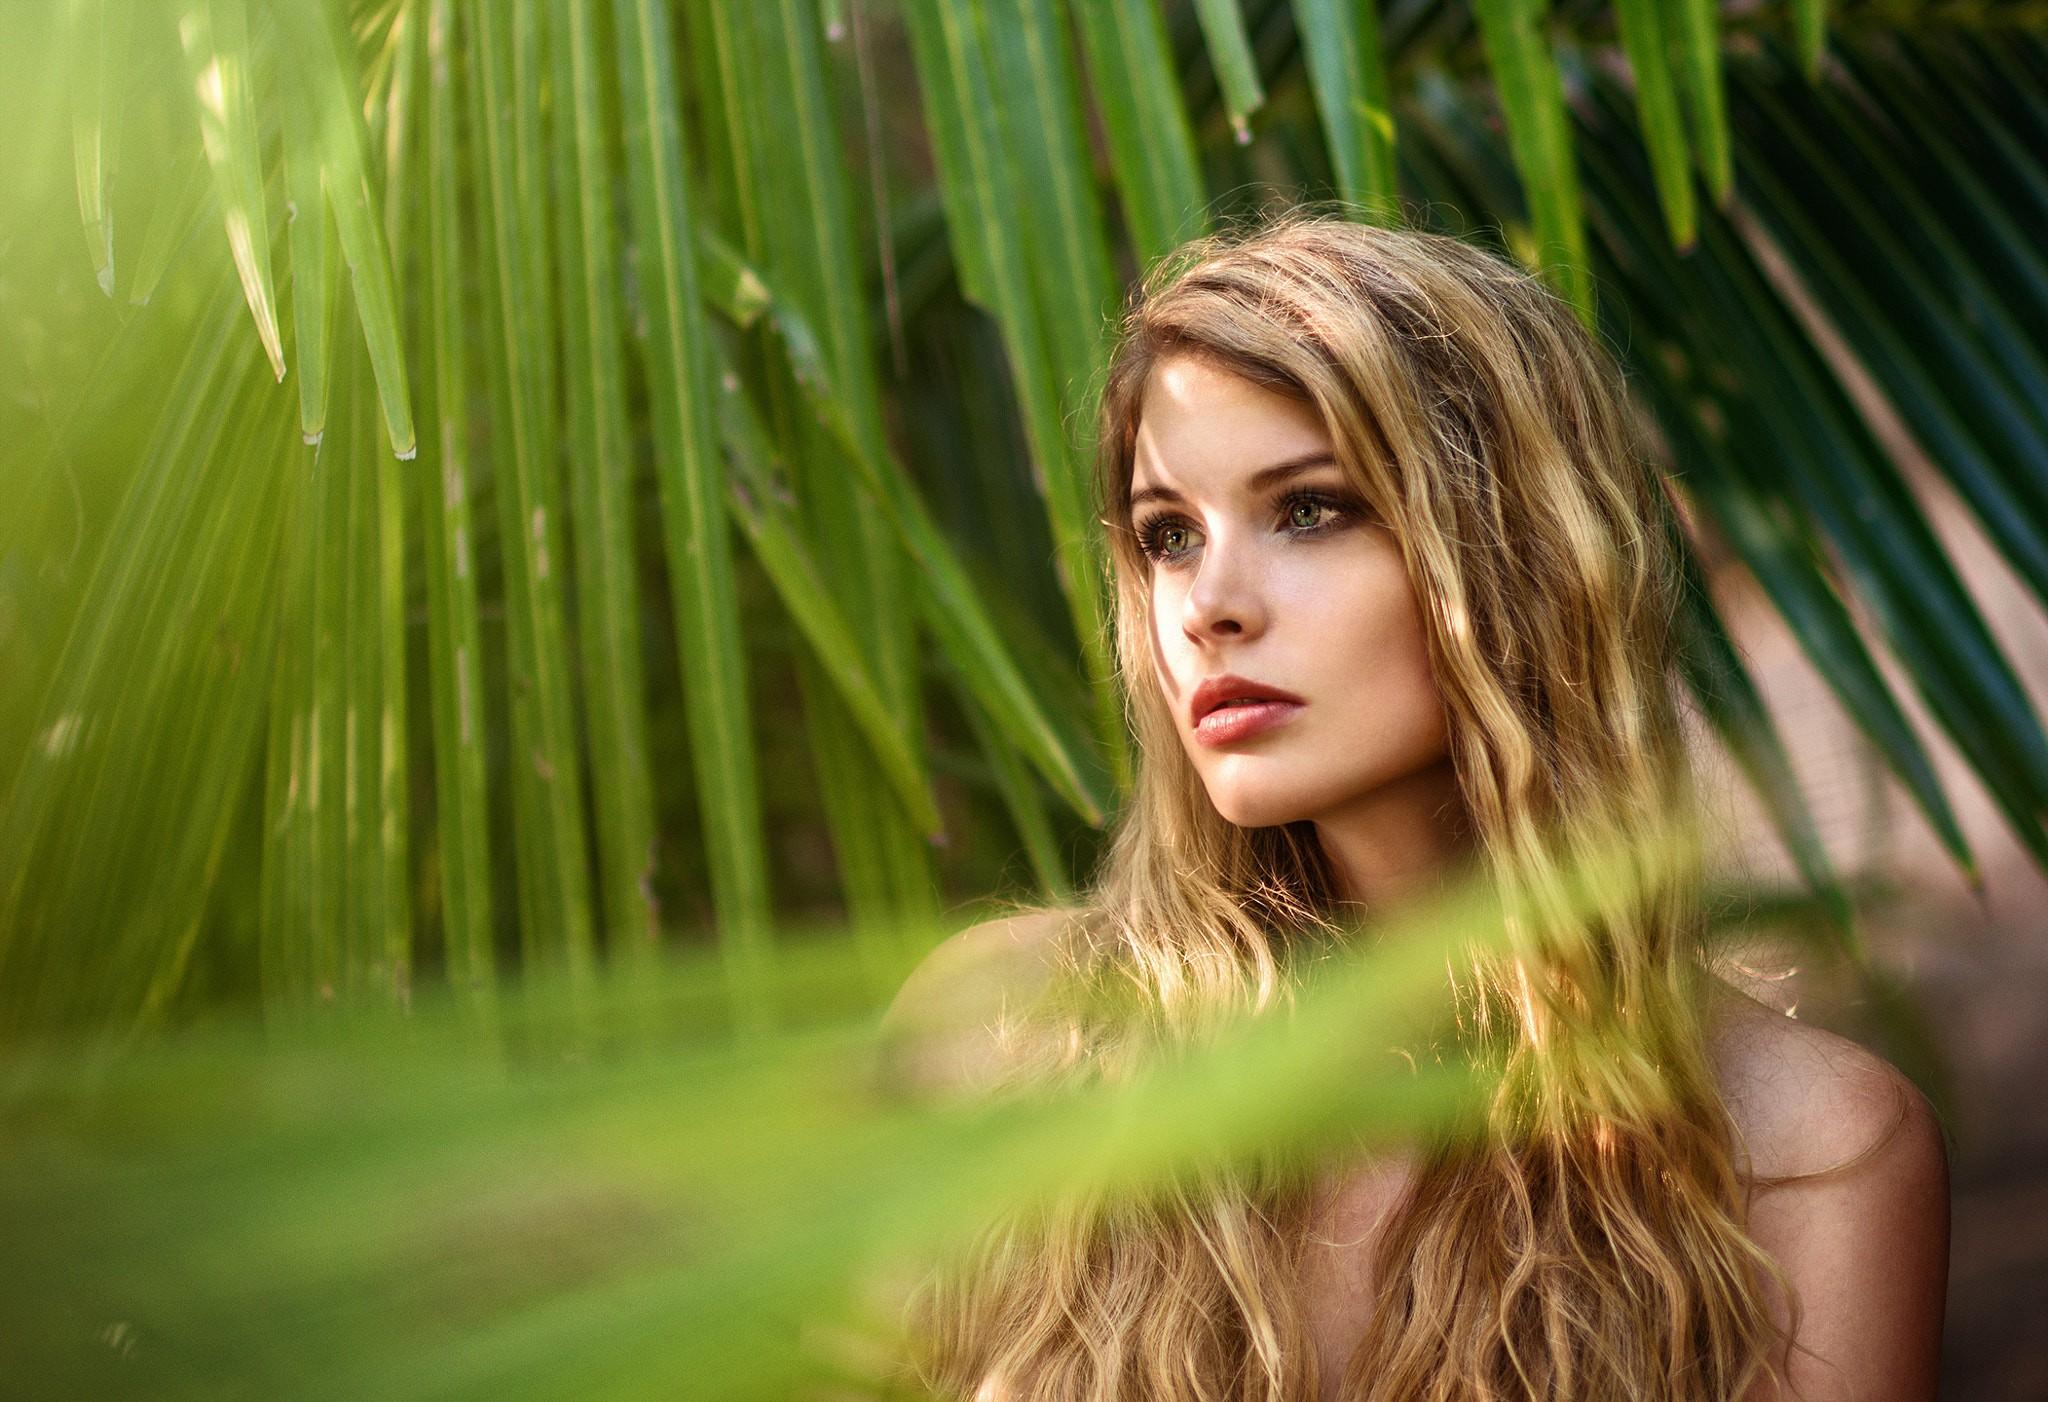 Фото в джунглях девушки